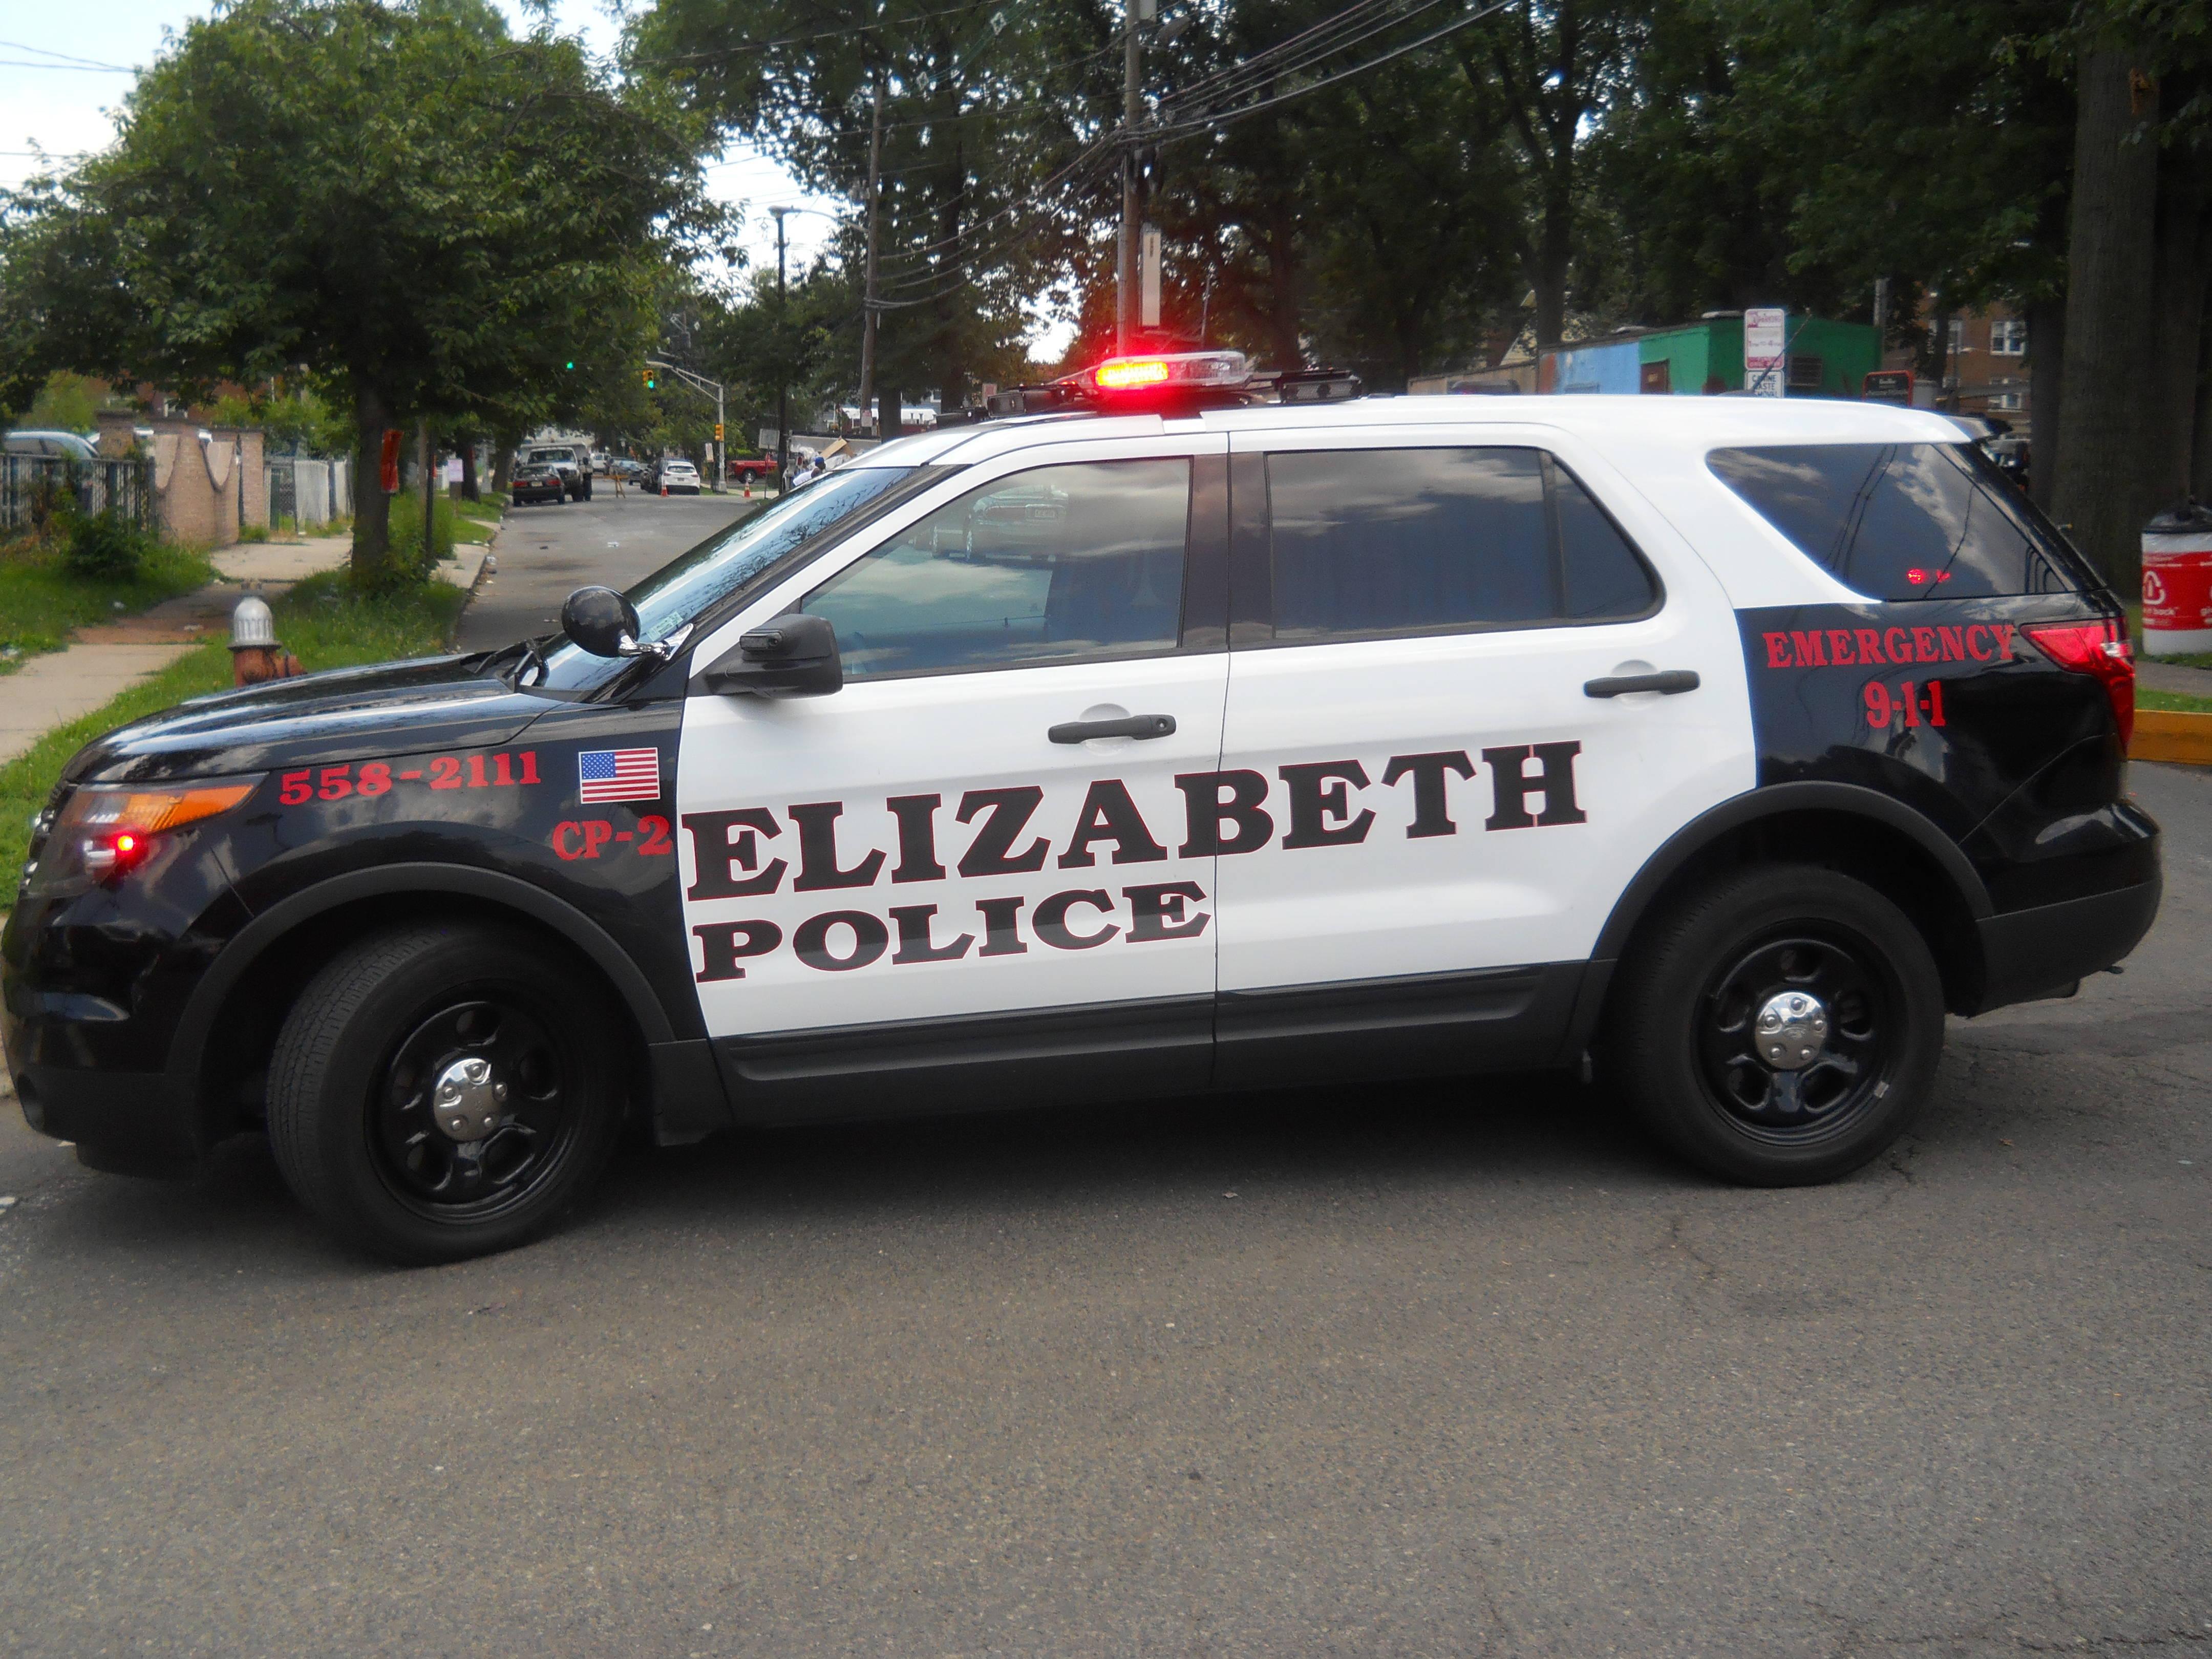 32455e4d5929bd63b19d_Police_Car.jpg